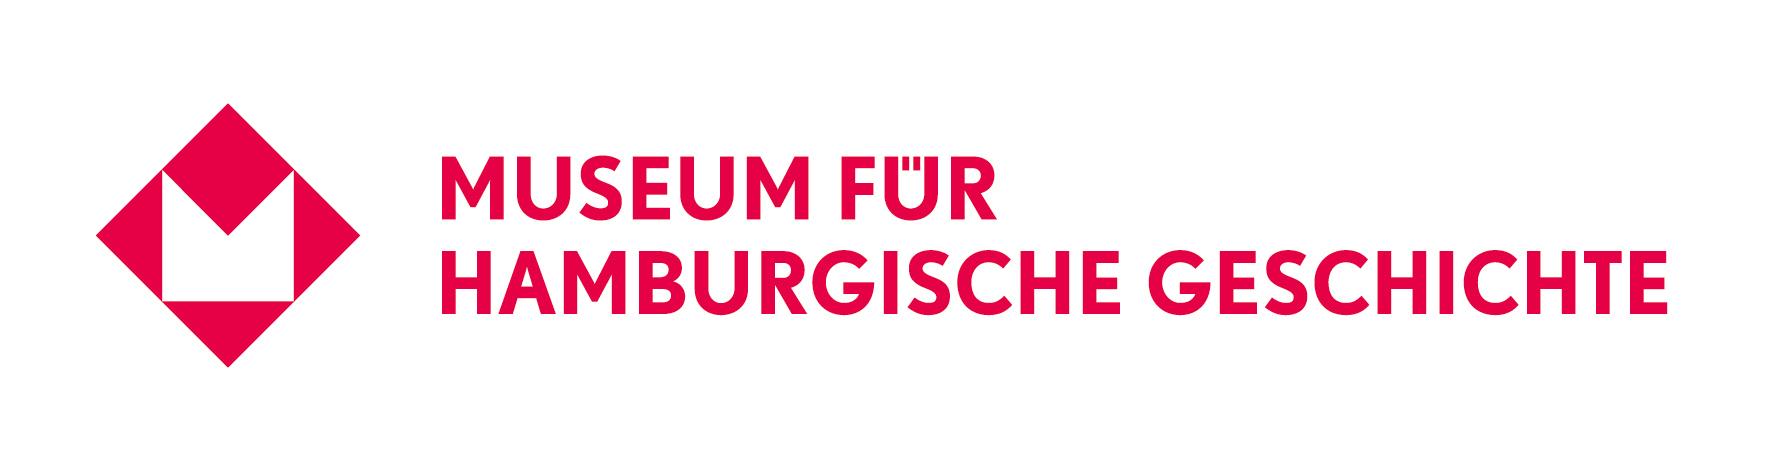 Logo des Museums für Hamburgische Geschichte